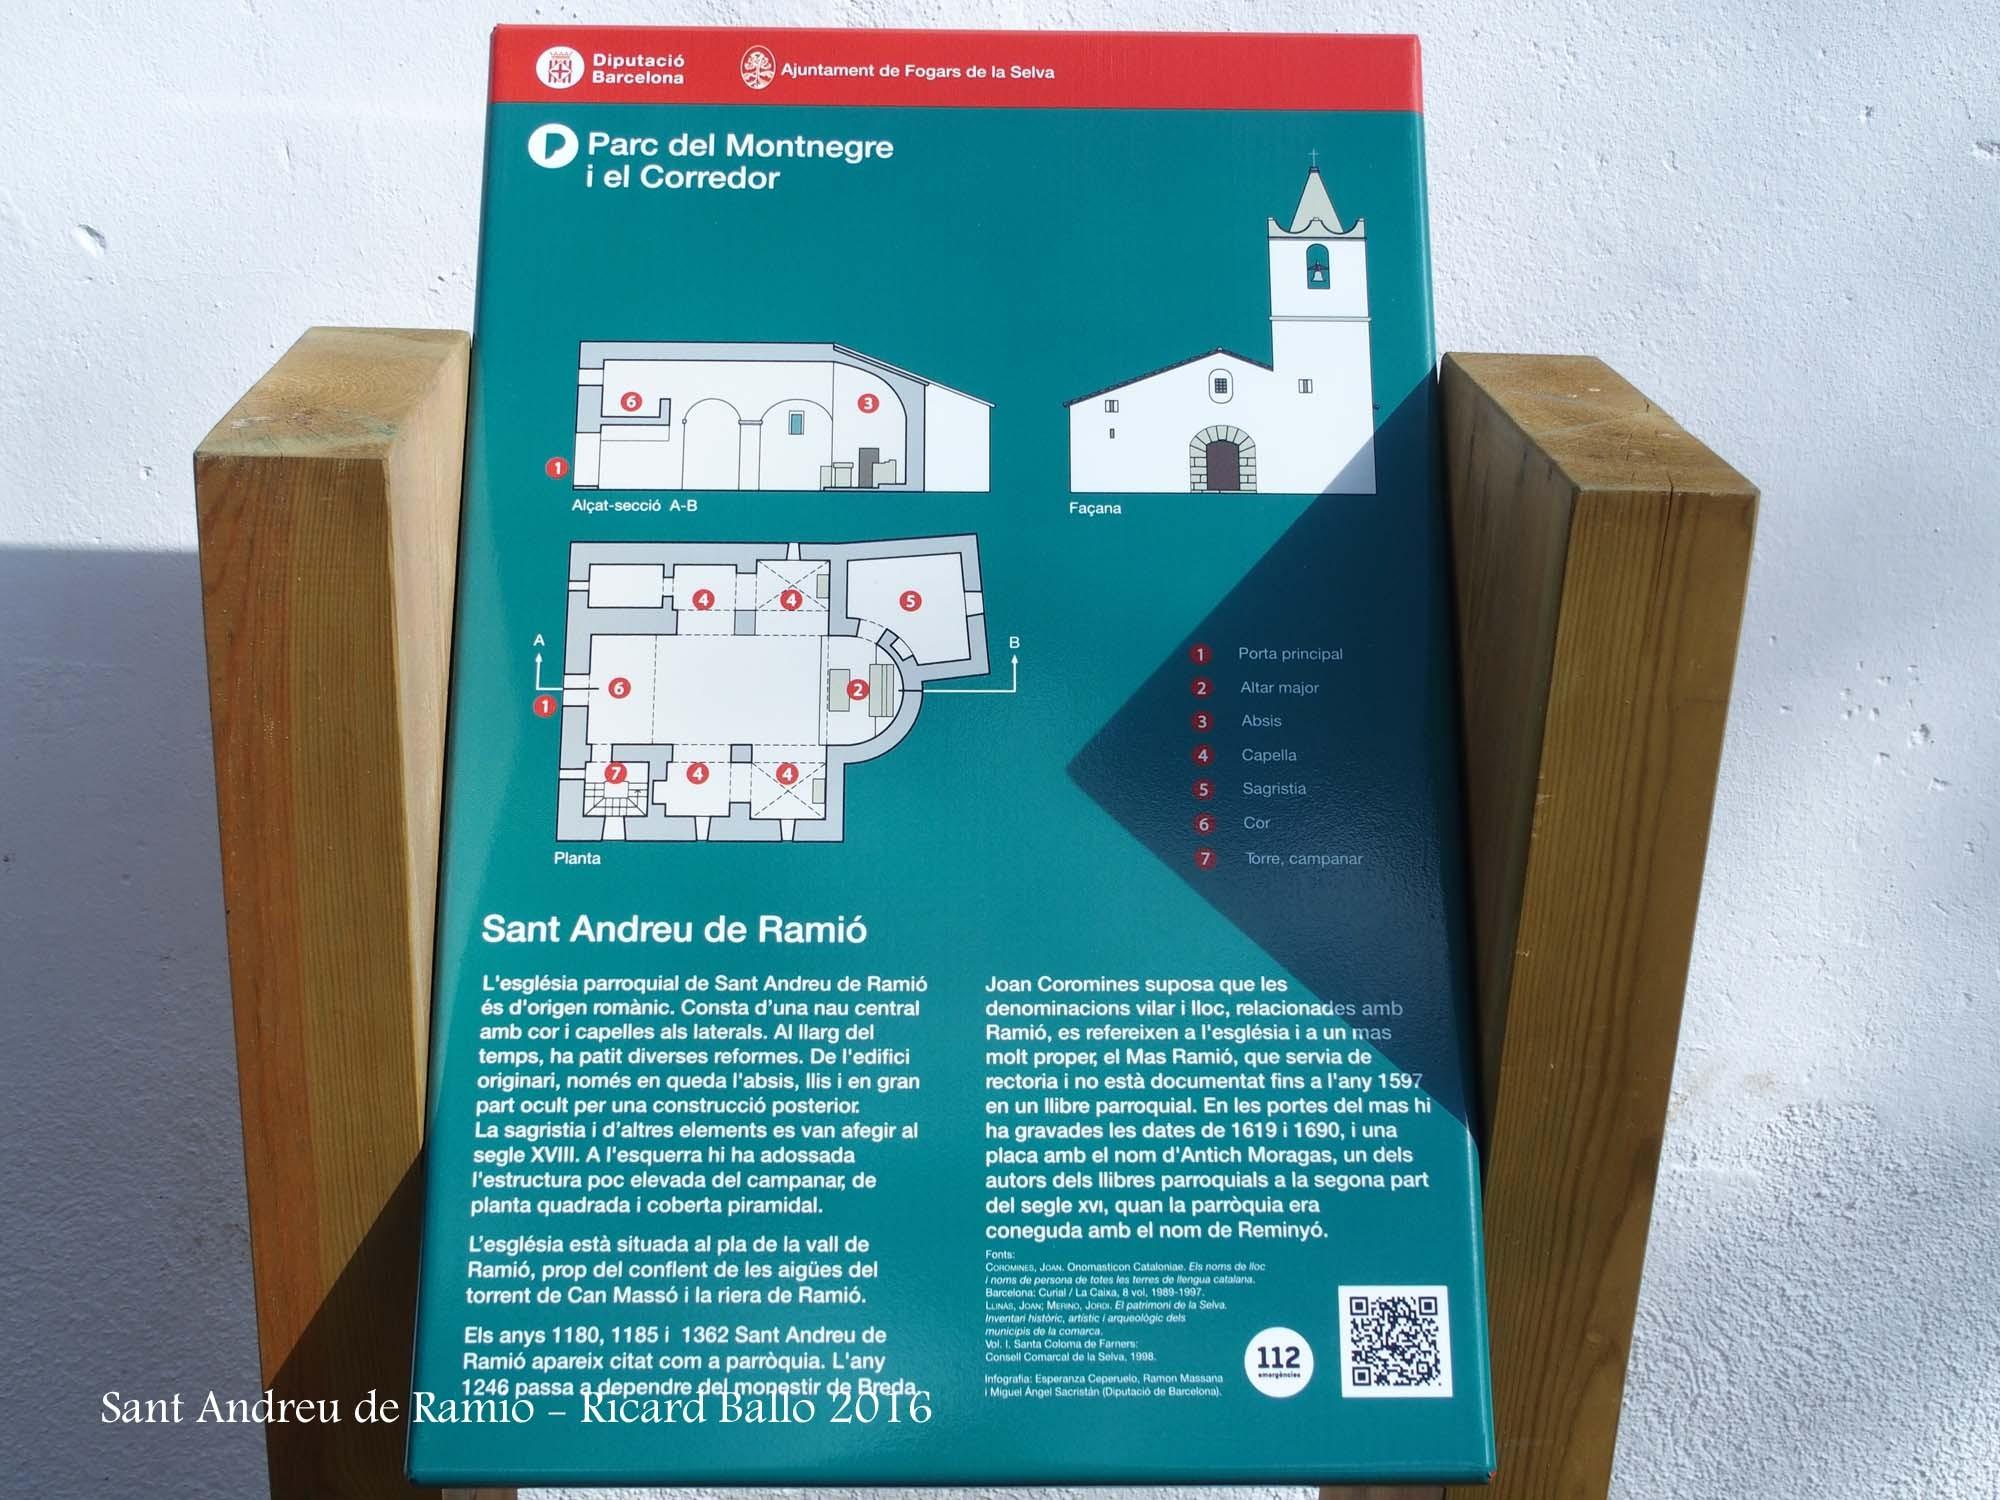 Església de Sant Andreu de Ramió – Fogars de la Selva - Plafó informatiu situat al davant de l\'església